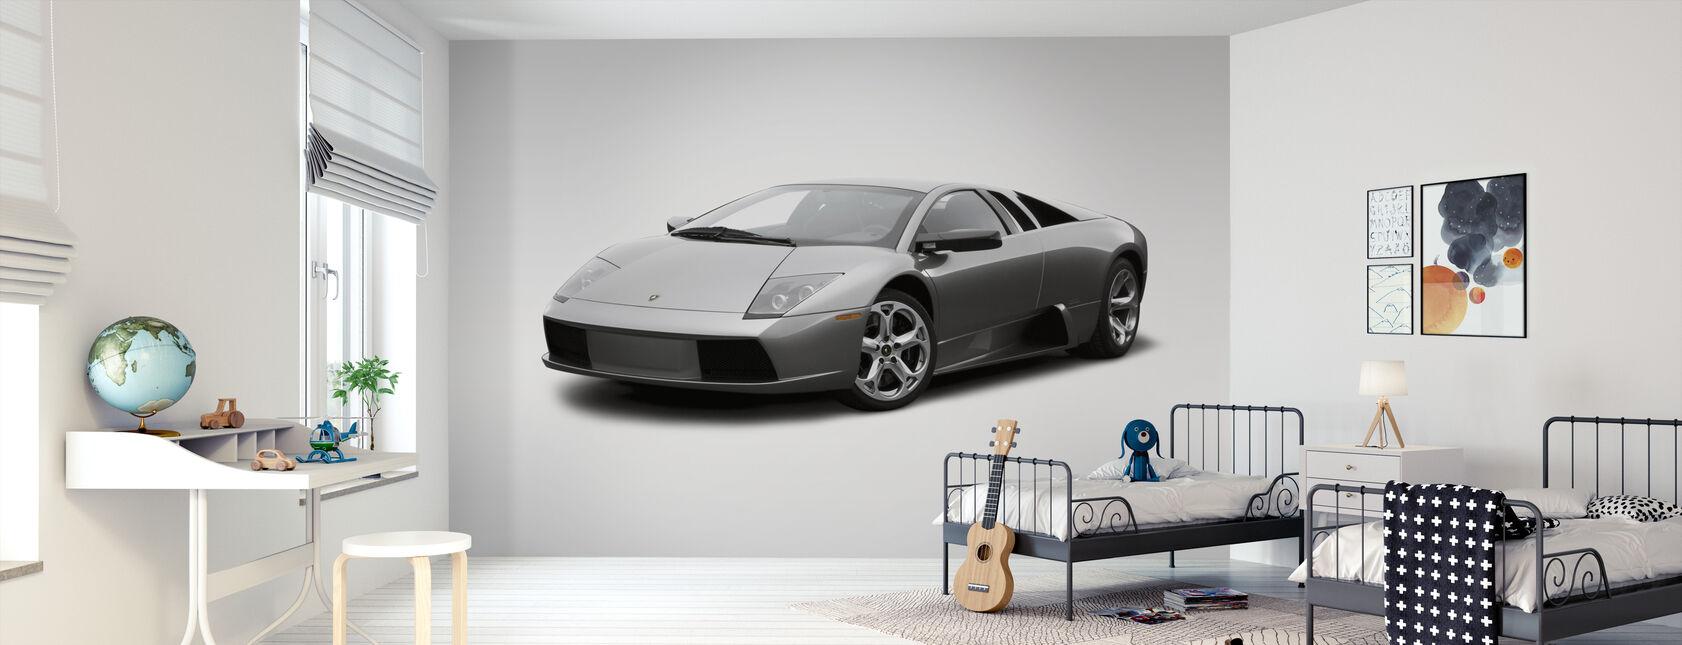 Lamborghini - Wallpaper - Kids Room